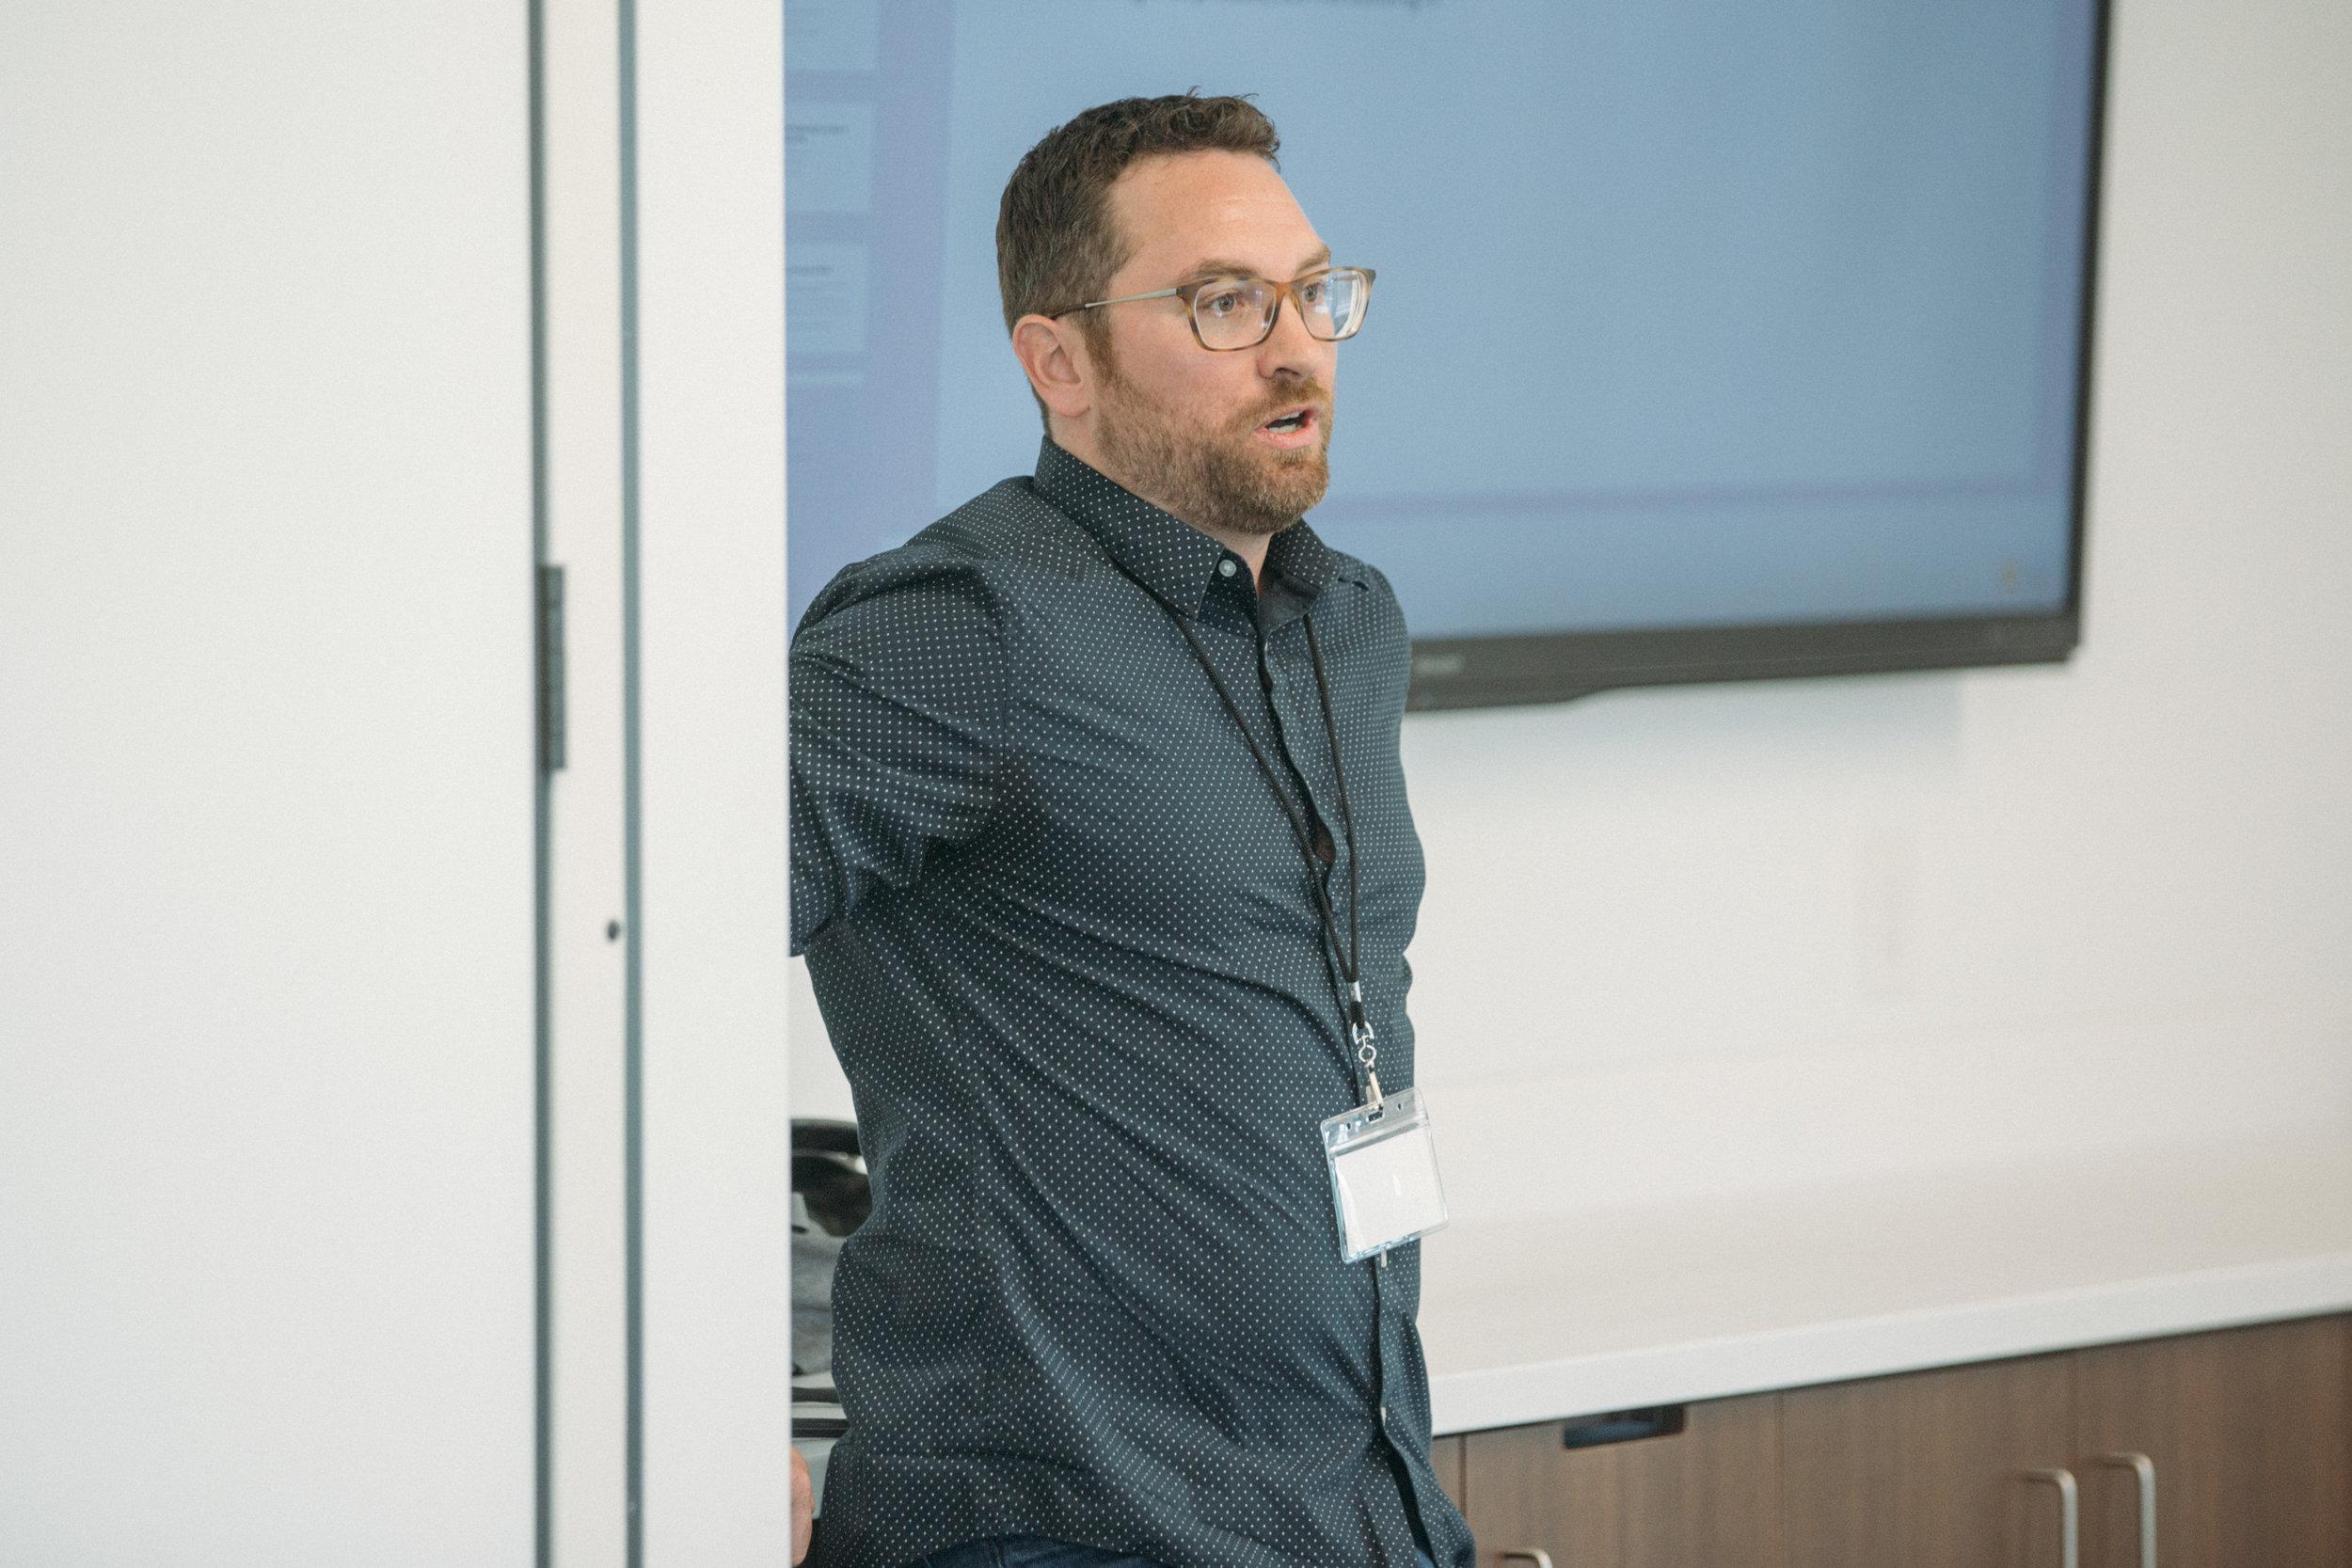 ProductCamp Cincinnati Kevin Mackey Speaking 2.JPG